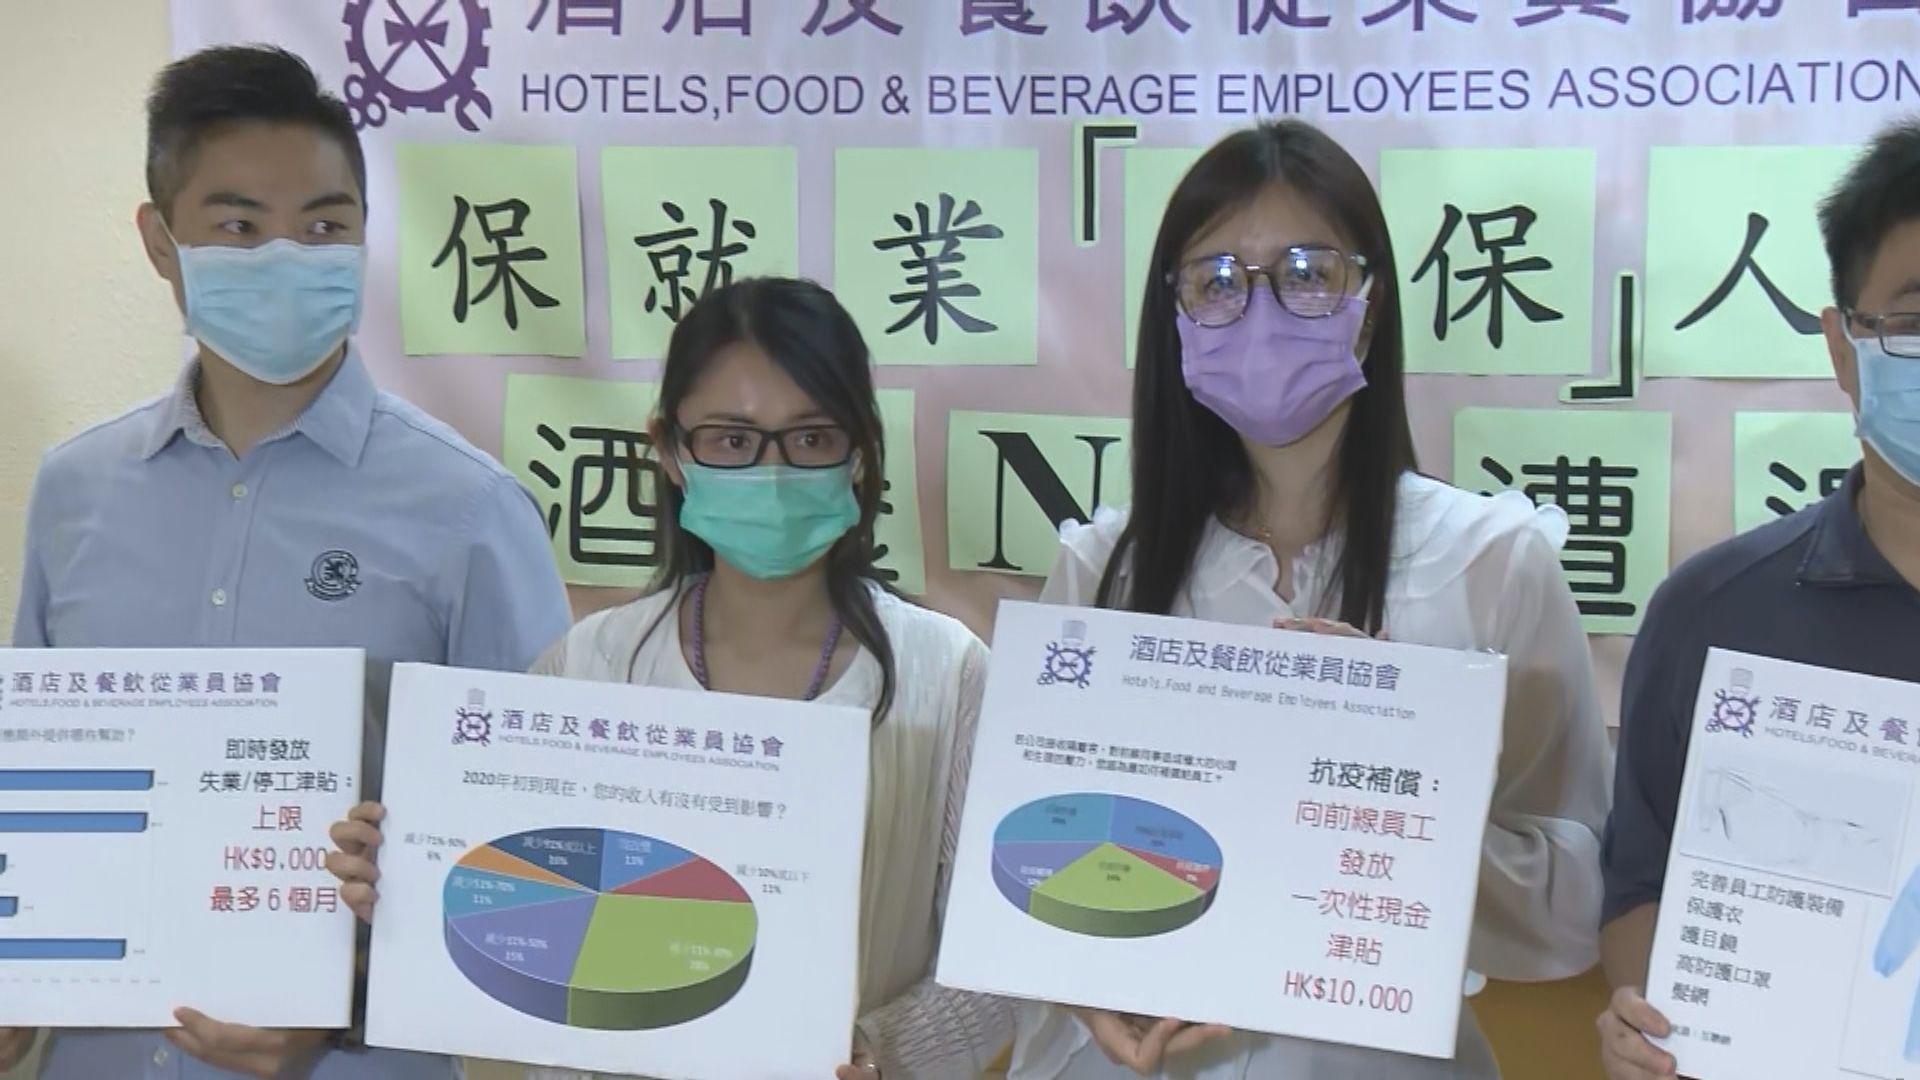 酒店及餐飲從業員協會促政府支援業界